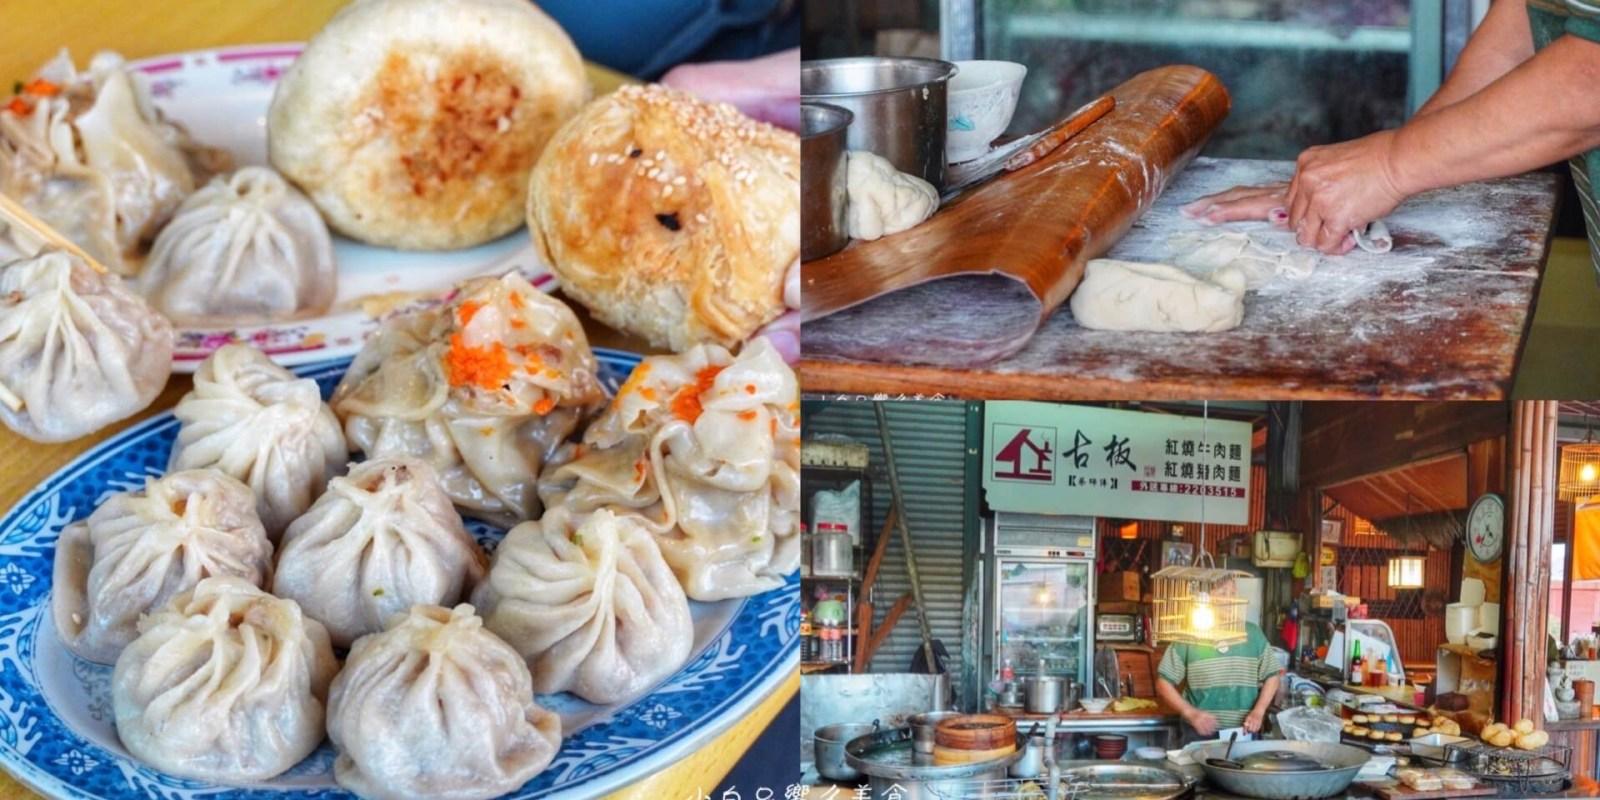 【台南美食】古板蔡師傅 超大顆燒賣就出現在台南!蘿蔔絲包/小籠湯包 各式道地點心 飄香30多年的古早味